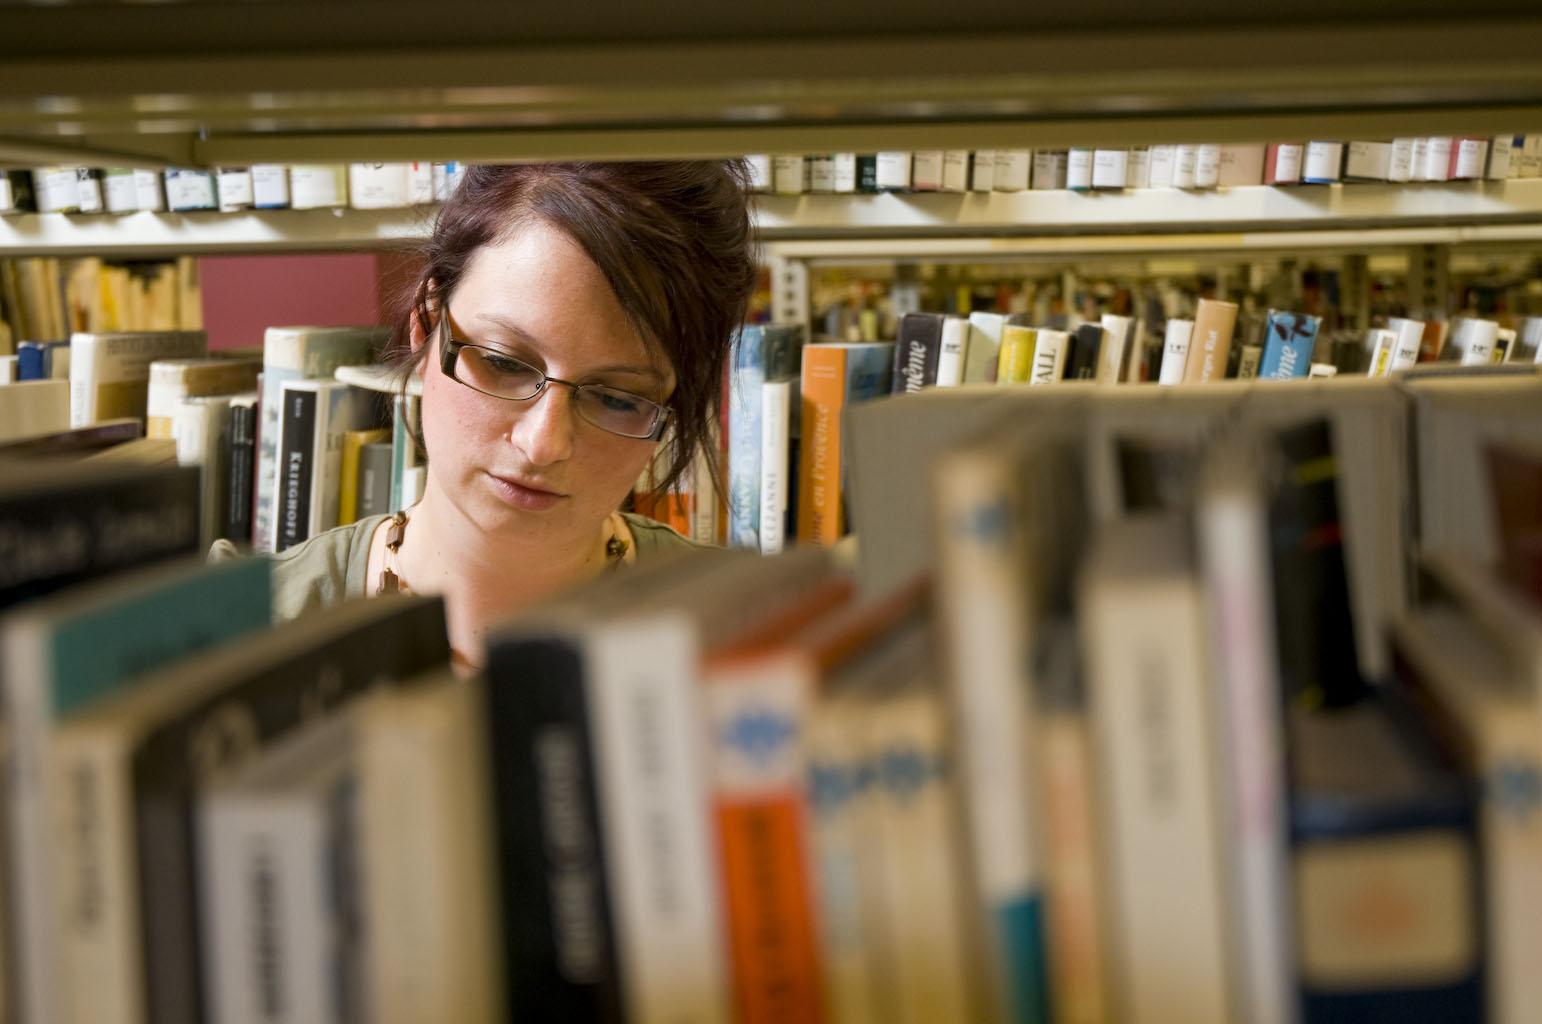 Des rayons de documents à la bibliothèque.